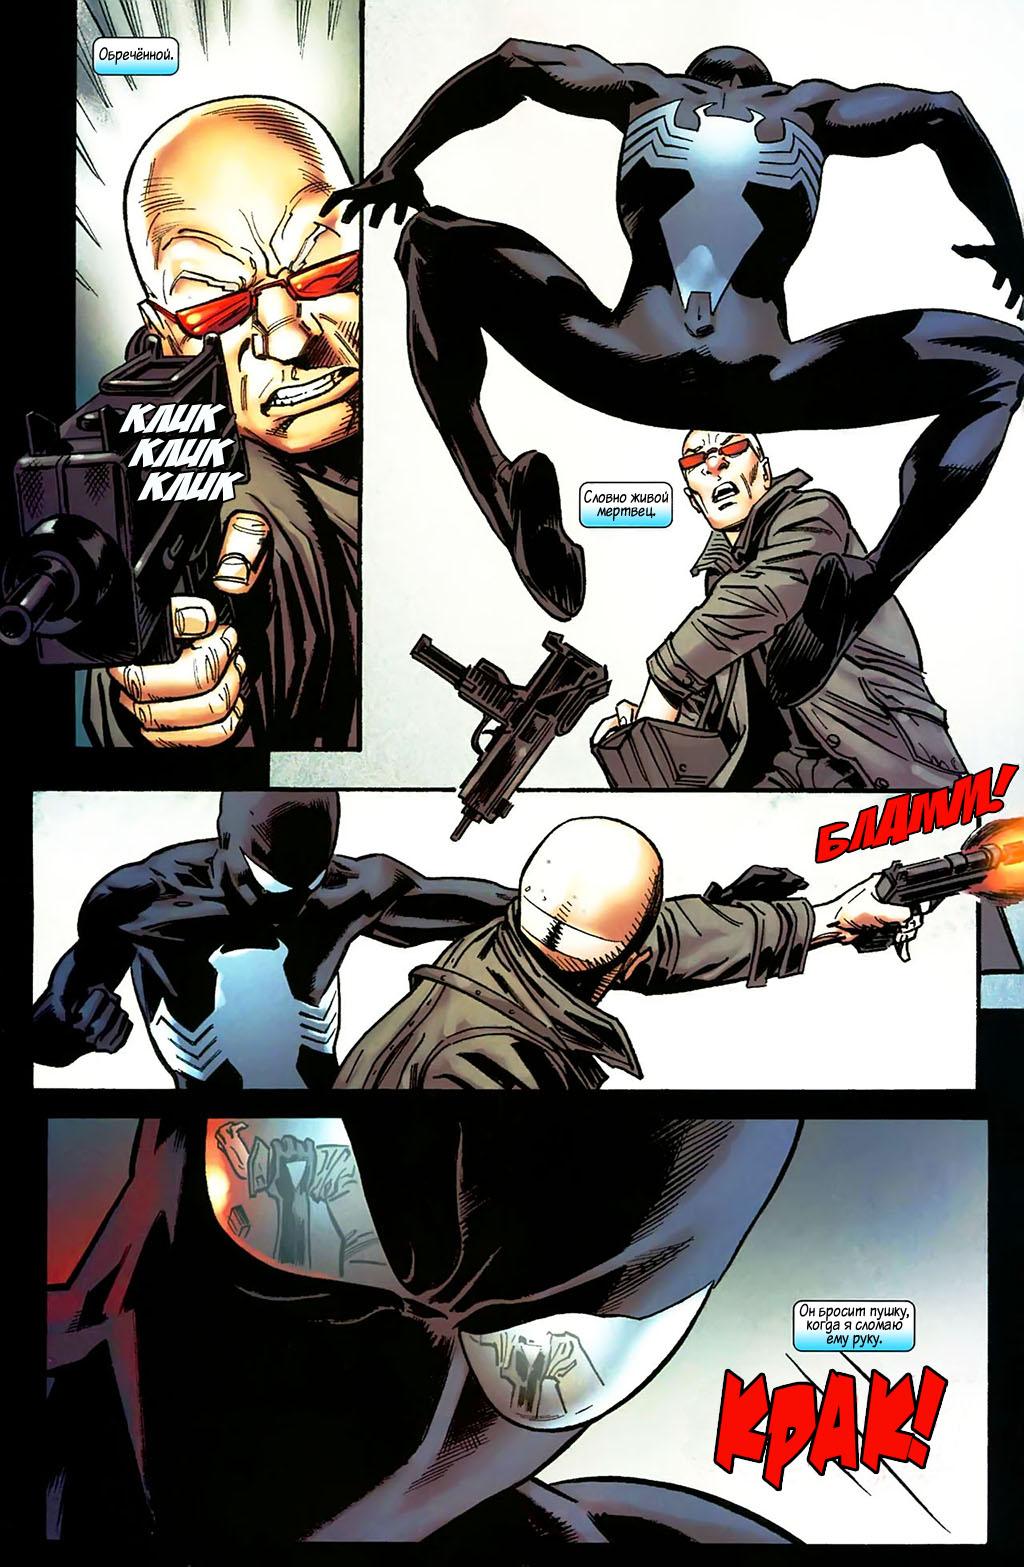 Spiderman vs kingpin back in black